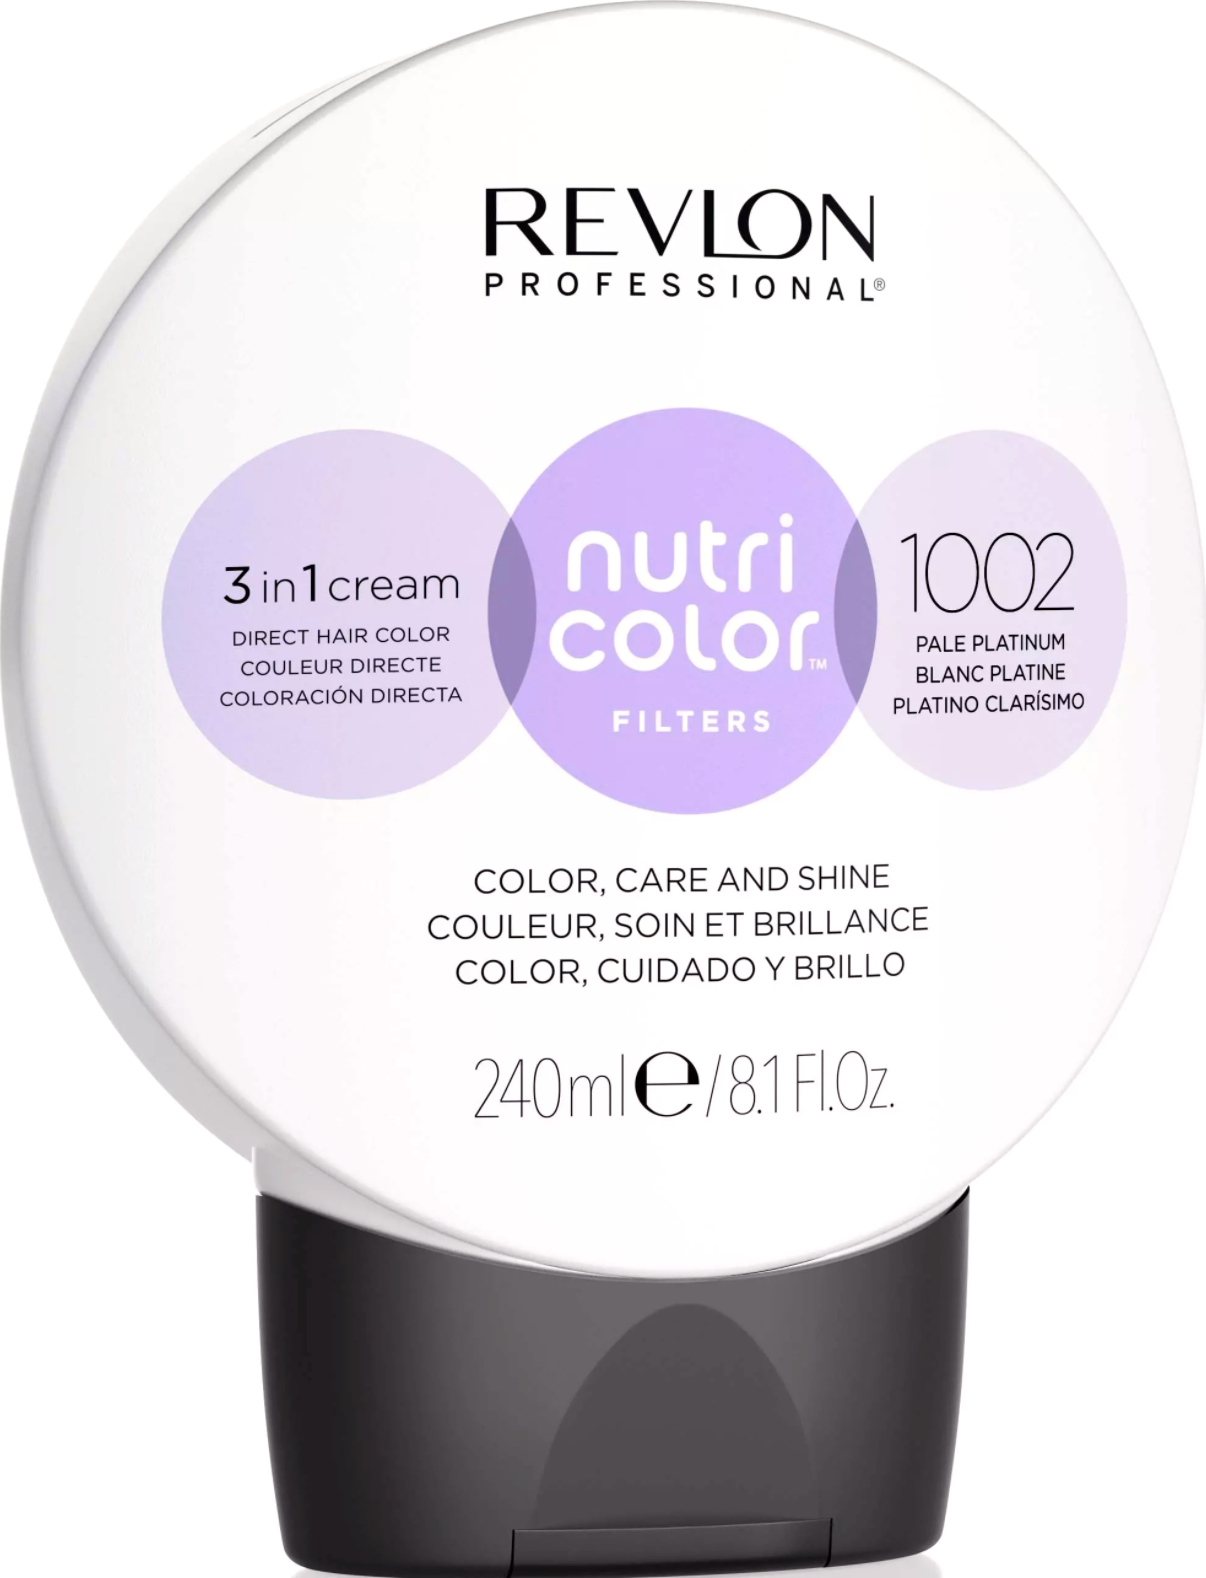 Nutricolor hårinpackning med pigment från Revlon